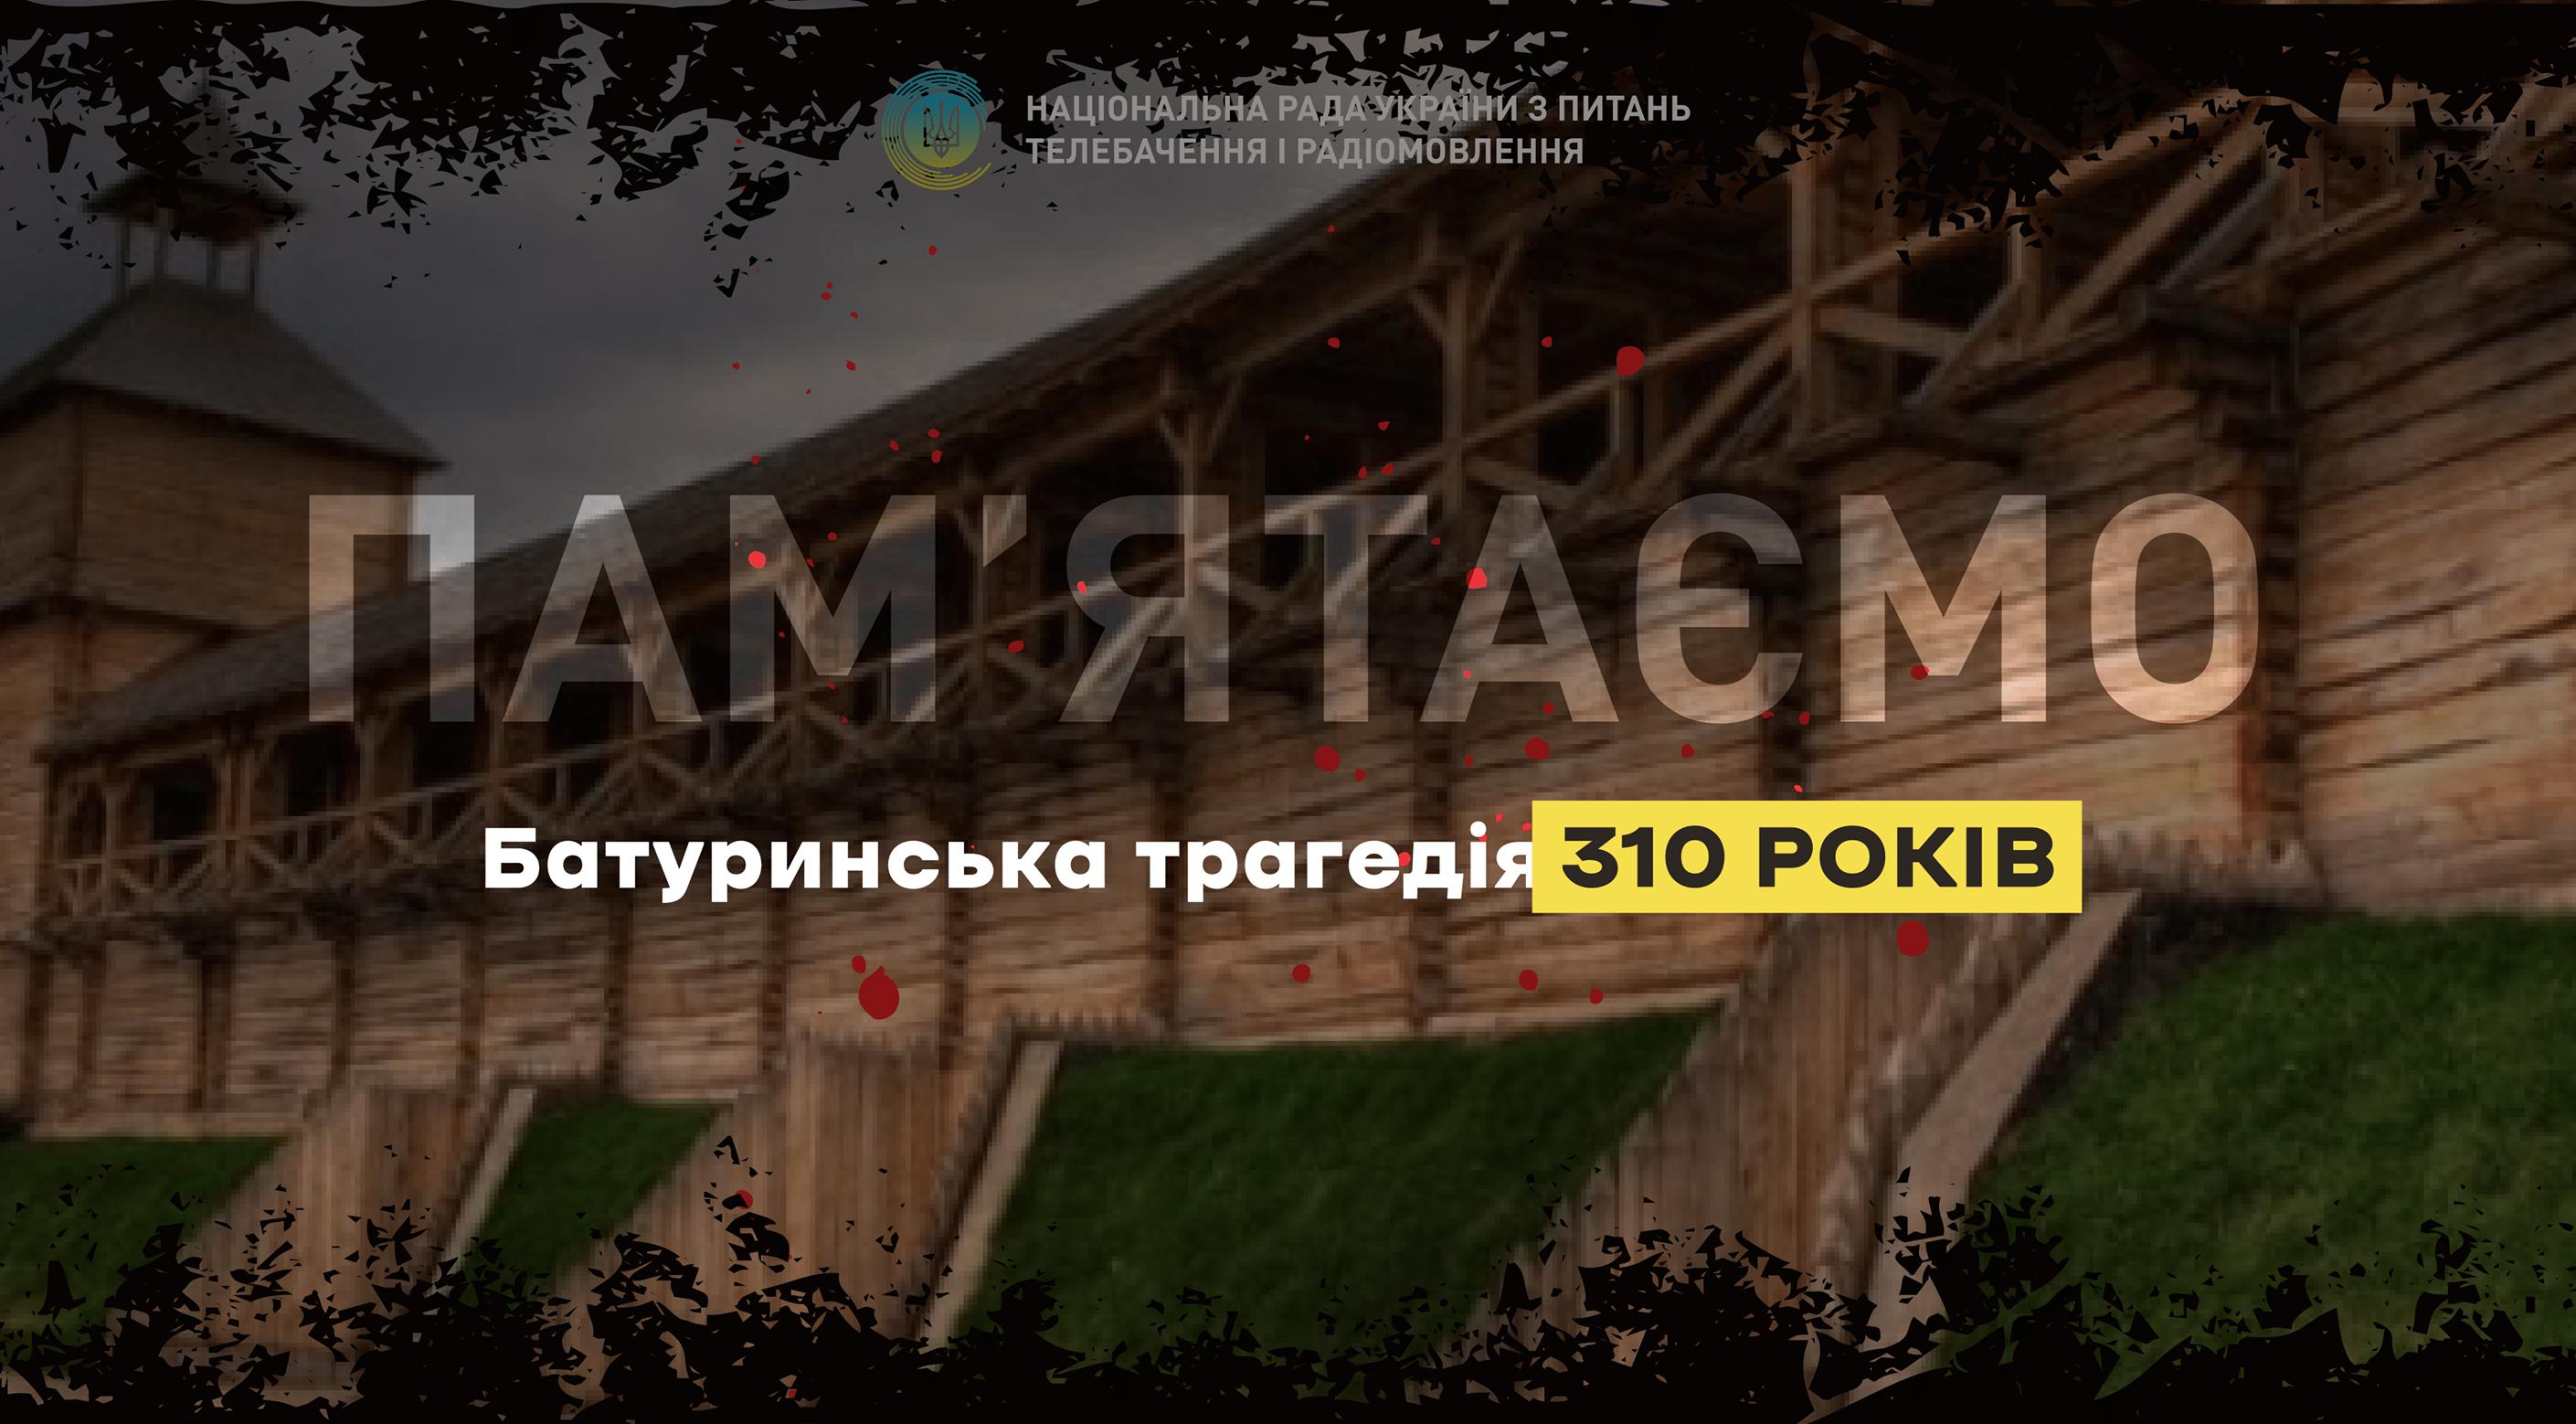 Картинки по запросу 310 років з дня Батуринської трагедії